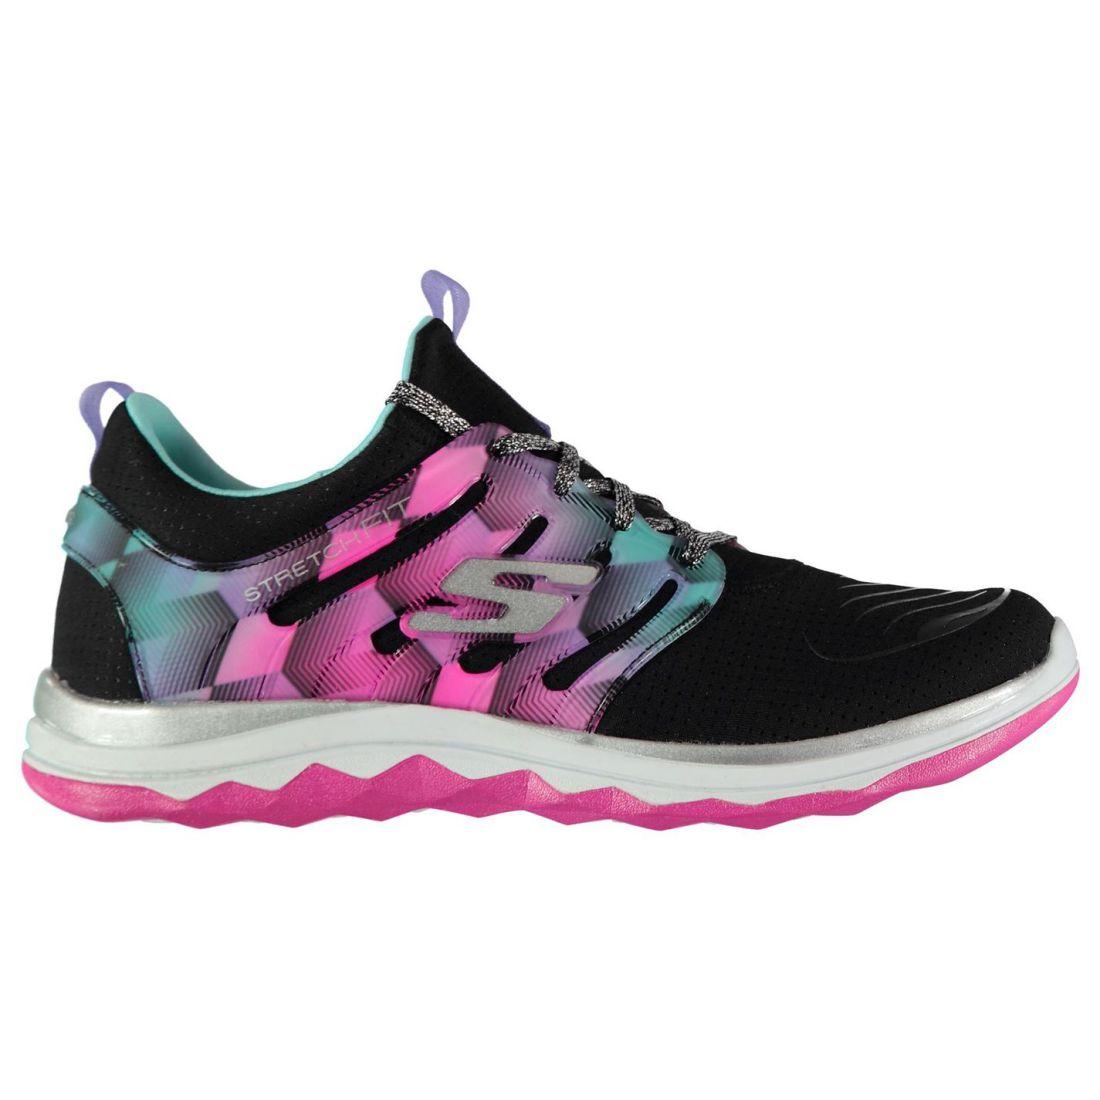 8111b0fa849837 Image is loading Skechers-Kids-Girls-Diamond-Run-Junior-Trainers-Runners-